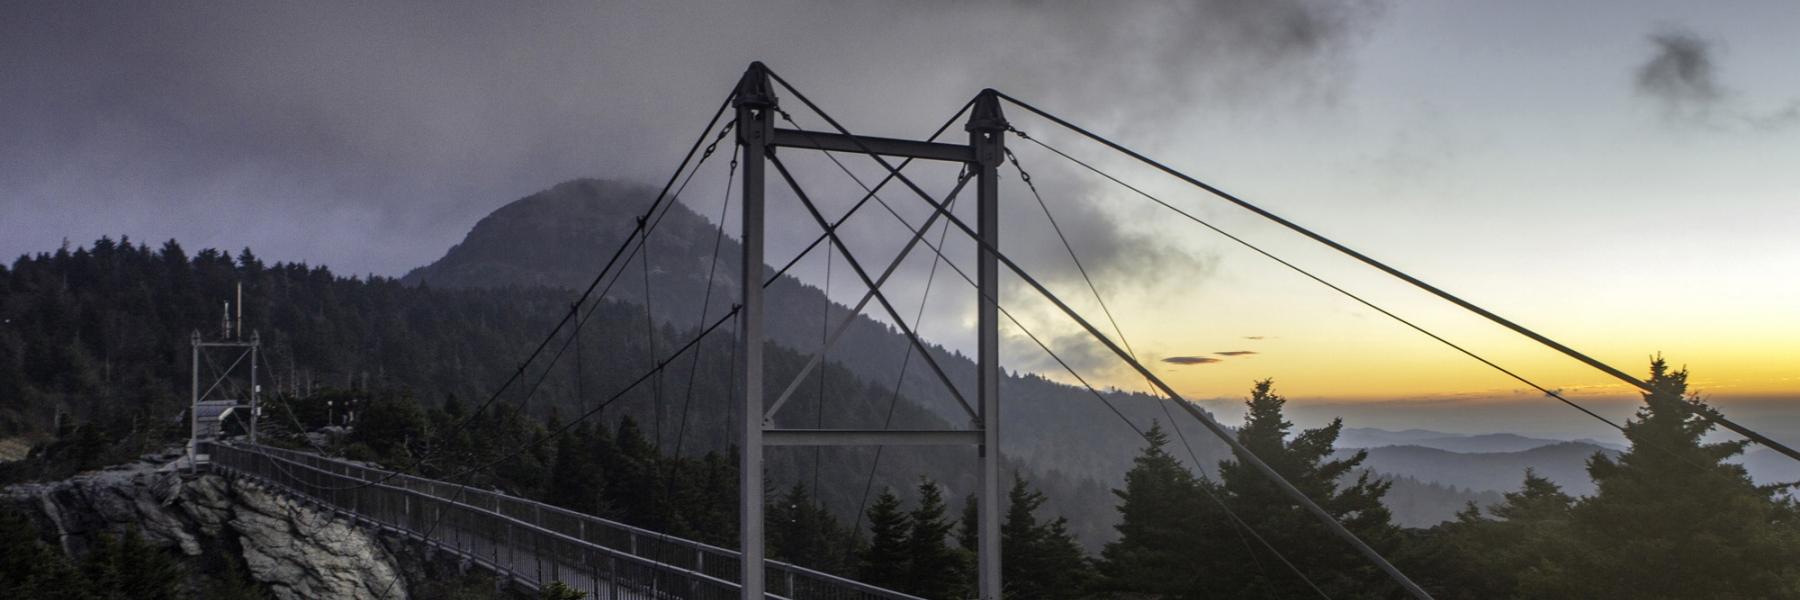 Image, Hanging Bridge